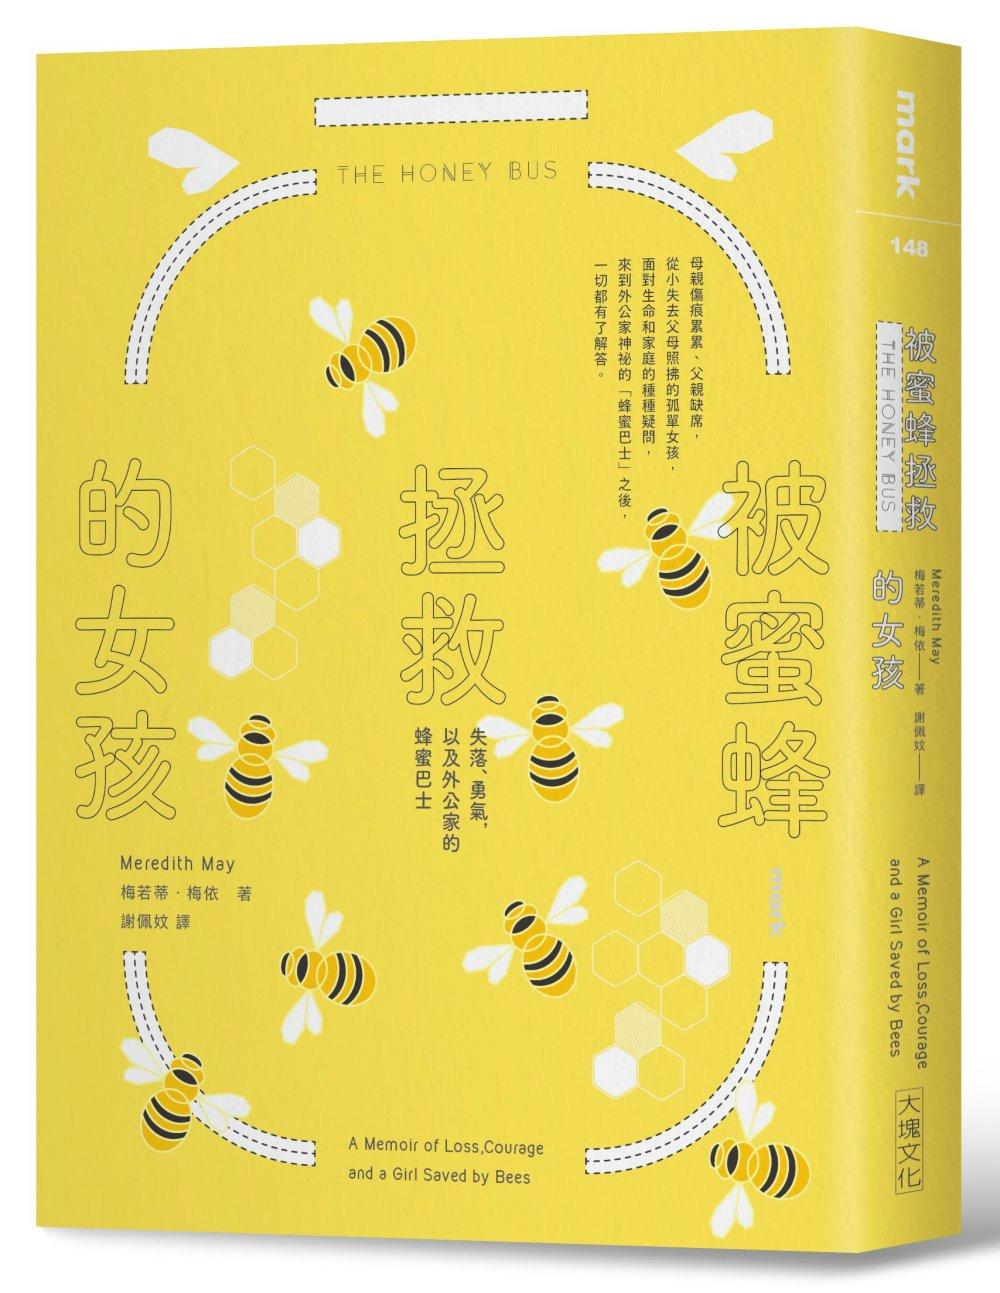 被蜜蜂拯救的女孩:失落、勇氣,以及外公家的蜂蜜巴士【博客來獨家限量書衣】